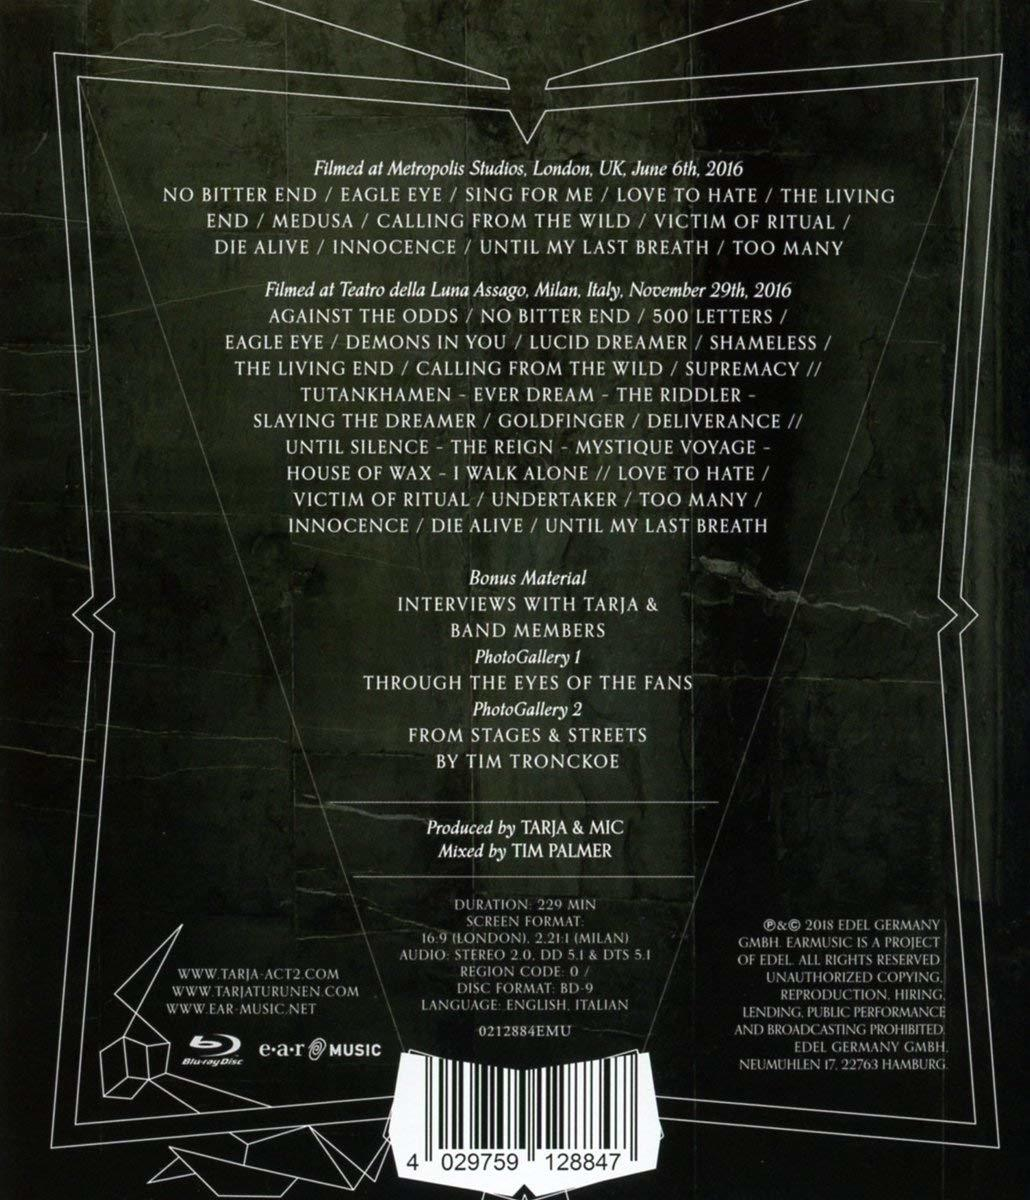 Tarja Turunen: Act II Blu-ray (France)